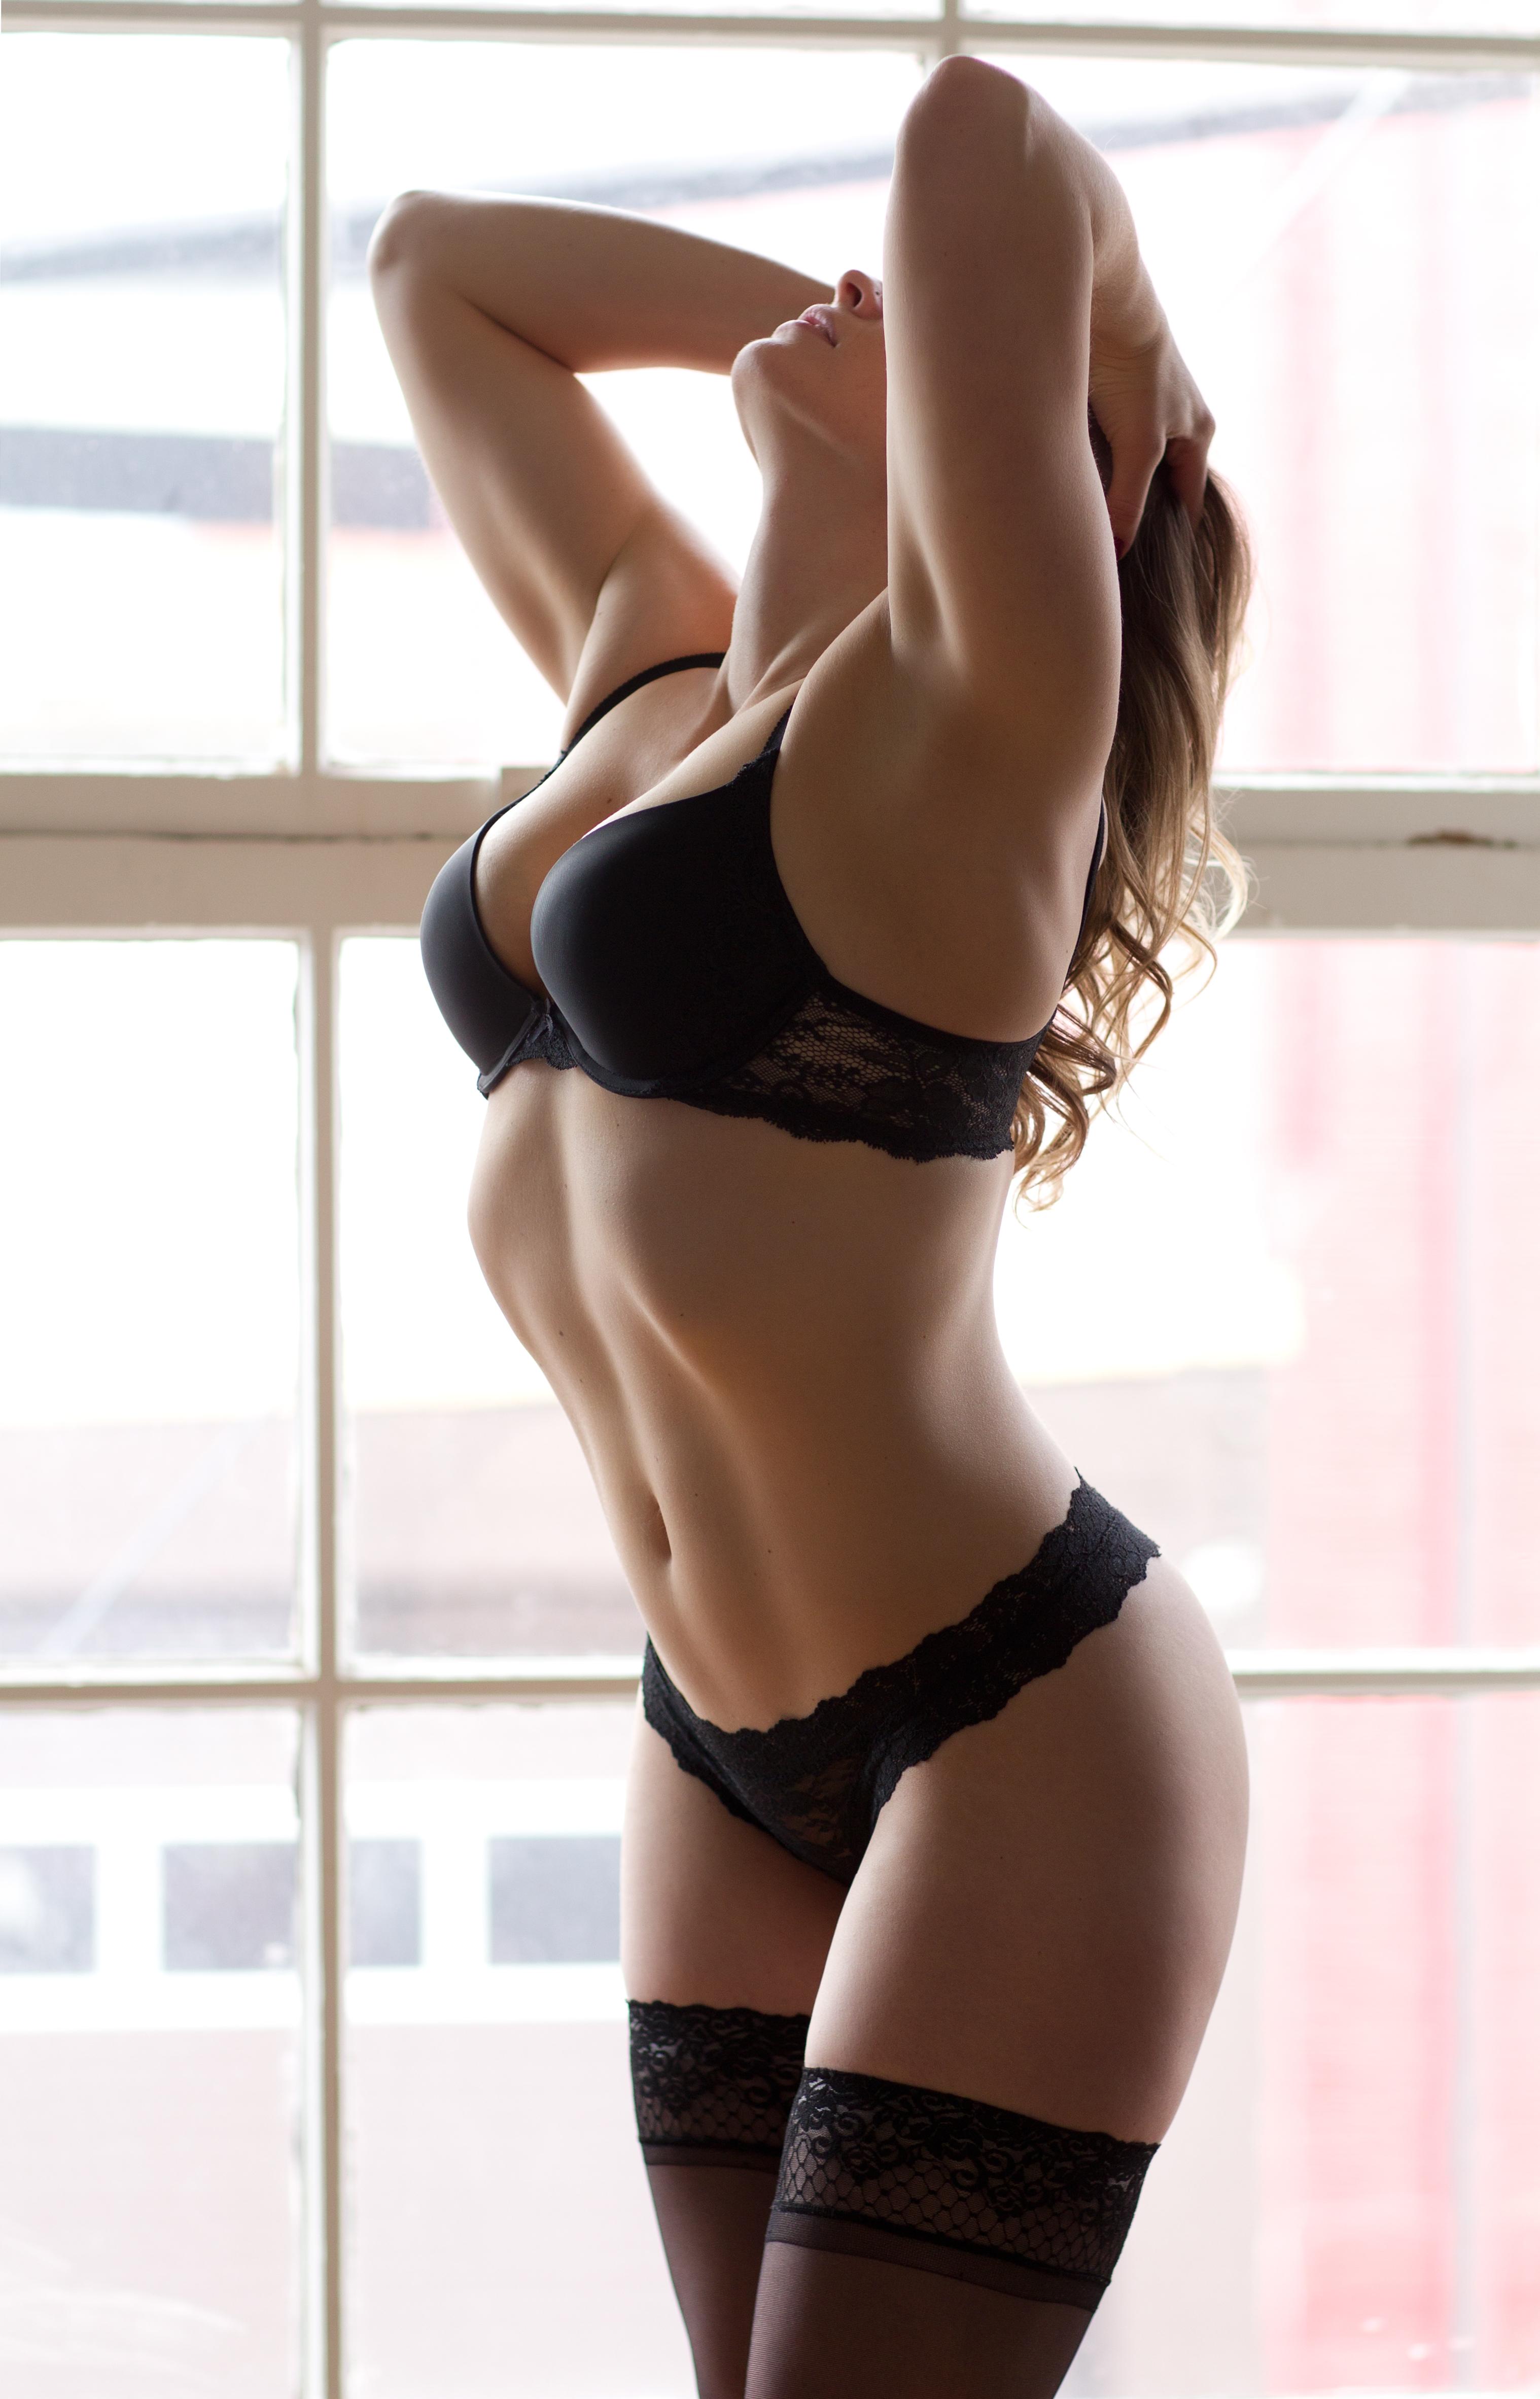 Kate Aeris